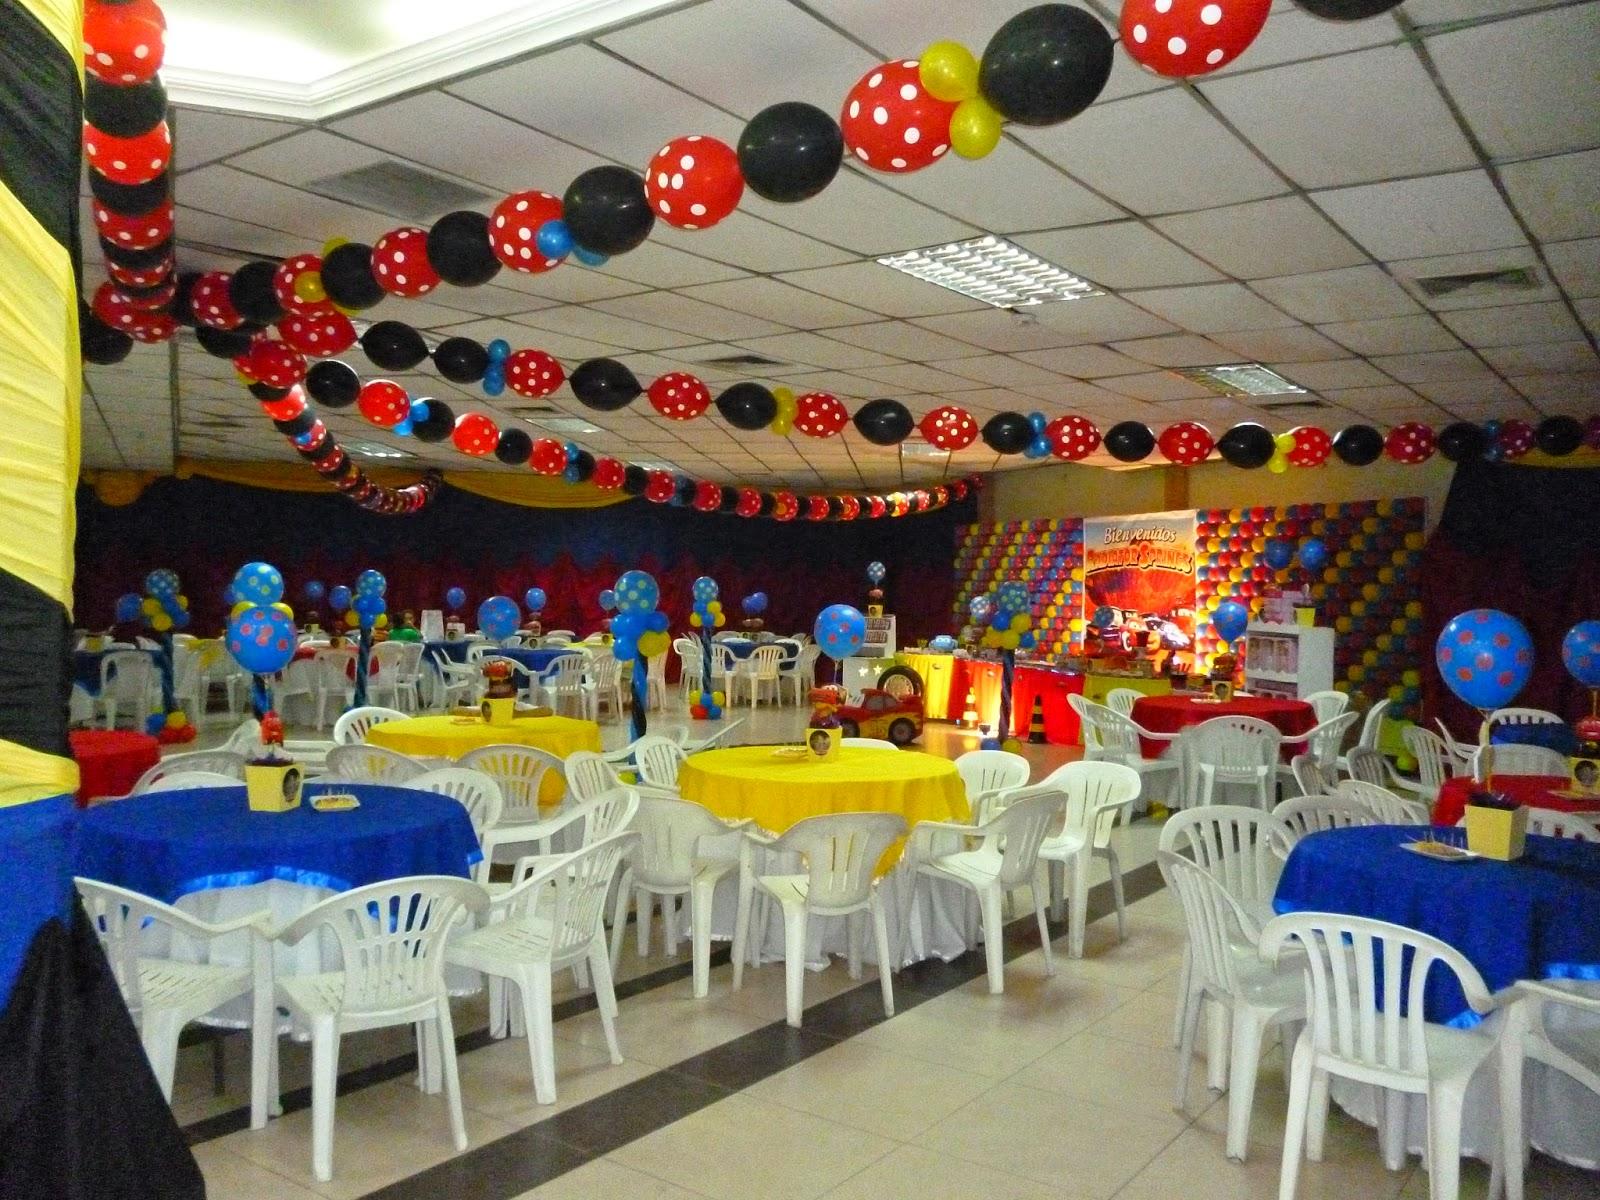 Fiestas personalizadas ideas de decoraci n de fiesta - Ideas para decoracion ...